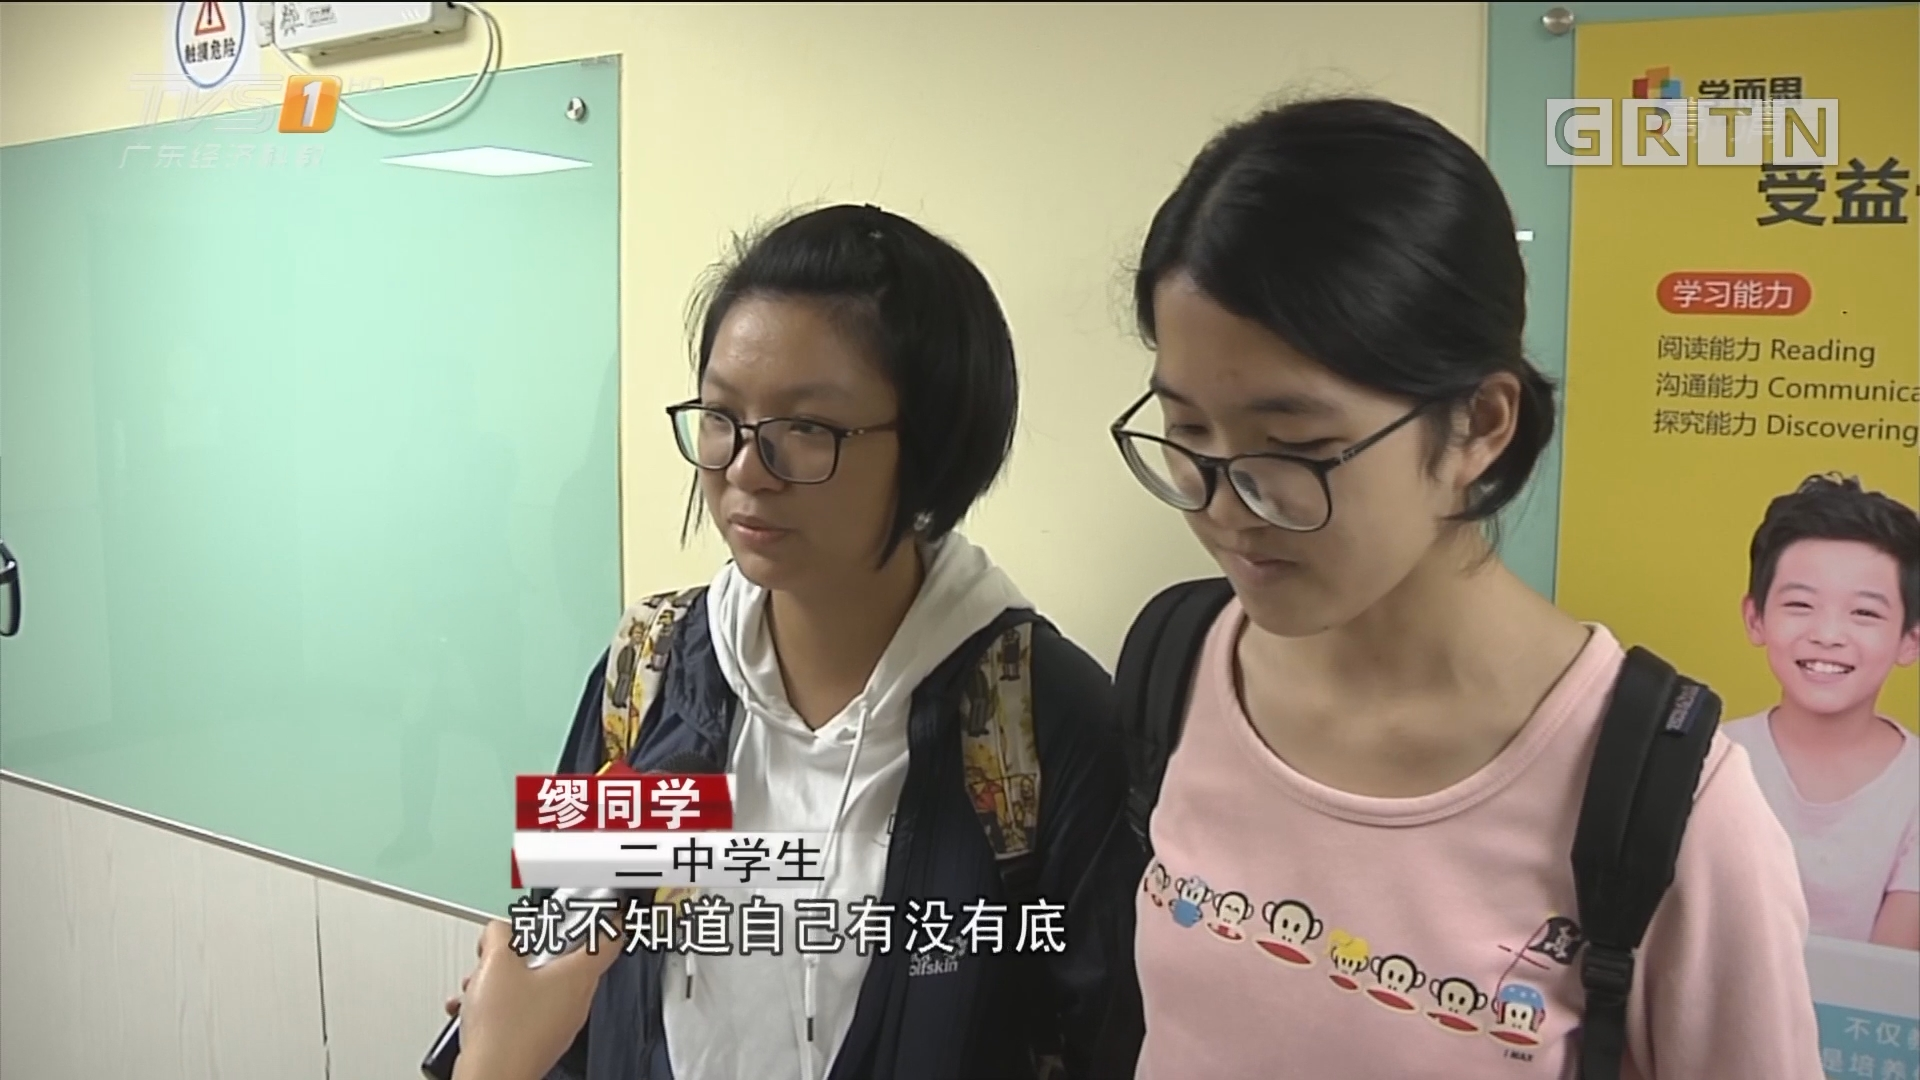 广东拟合并本科批次 设本专两批次录取